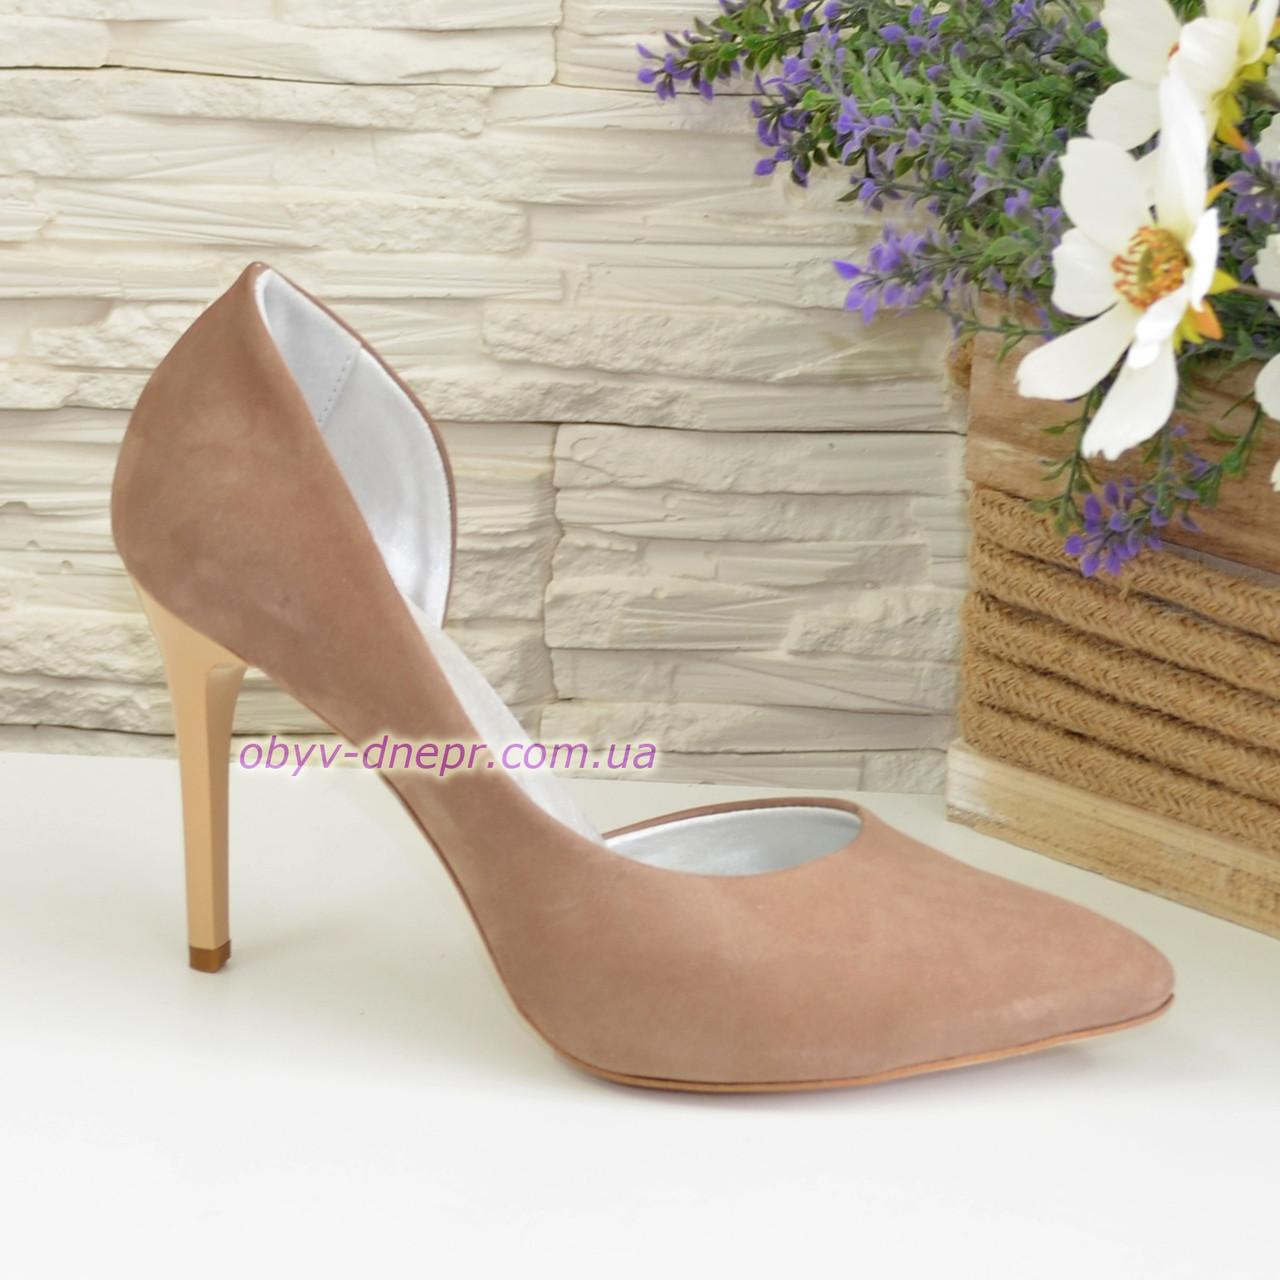 Женские туфли на шпильке, бежевый нубук, фото 1